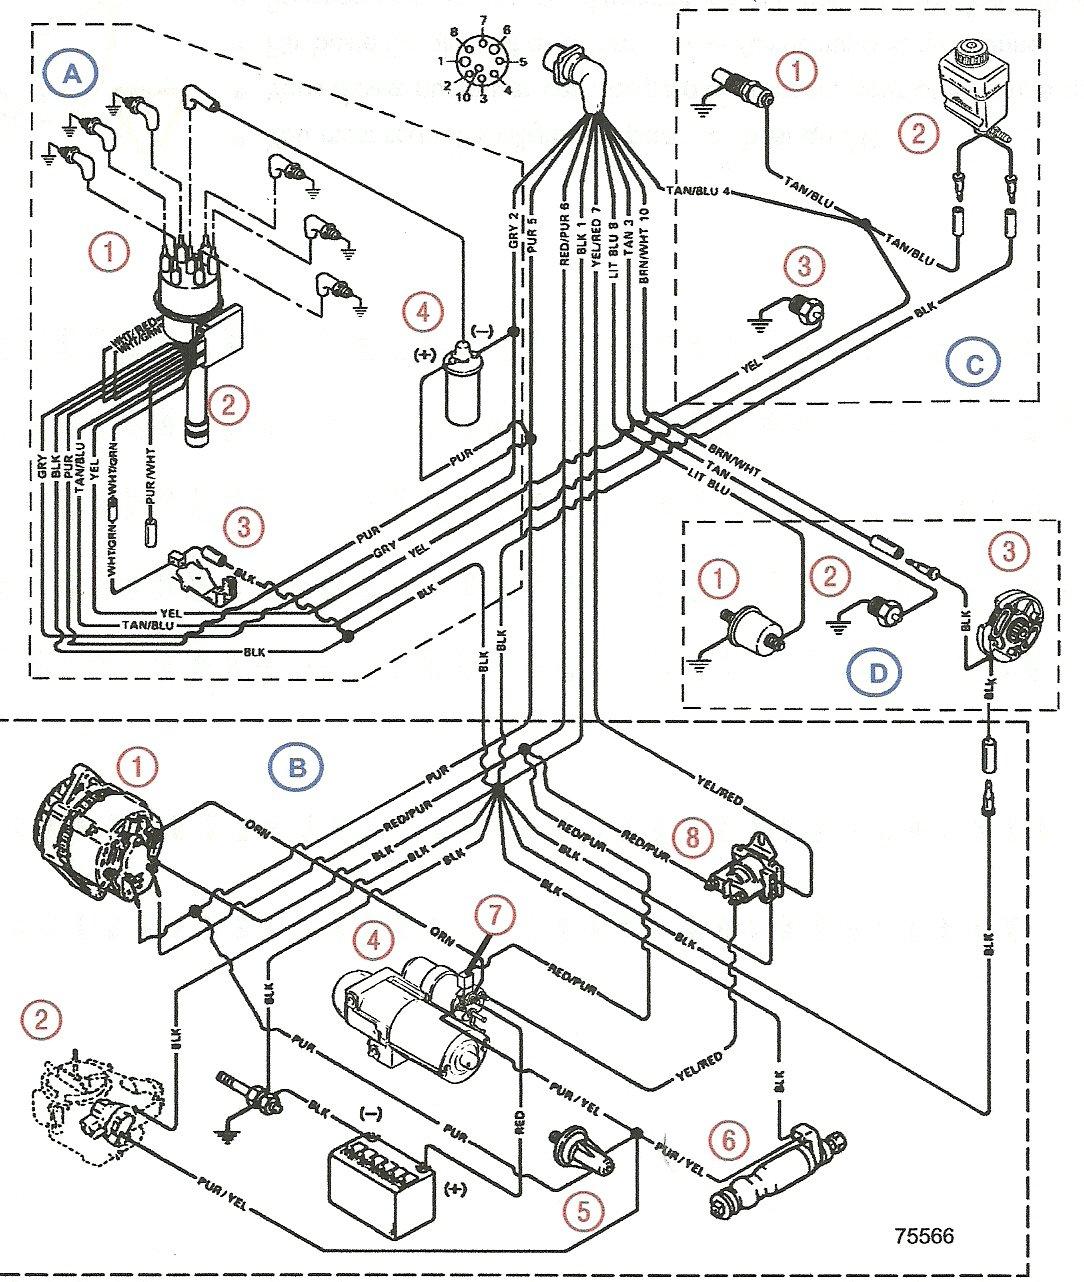 Mercruiser 4 3 V6 Wiring Diagram